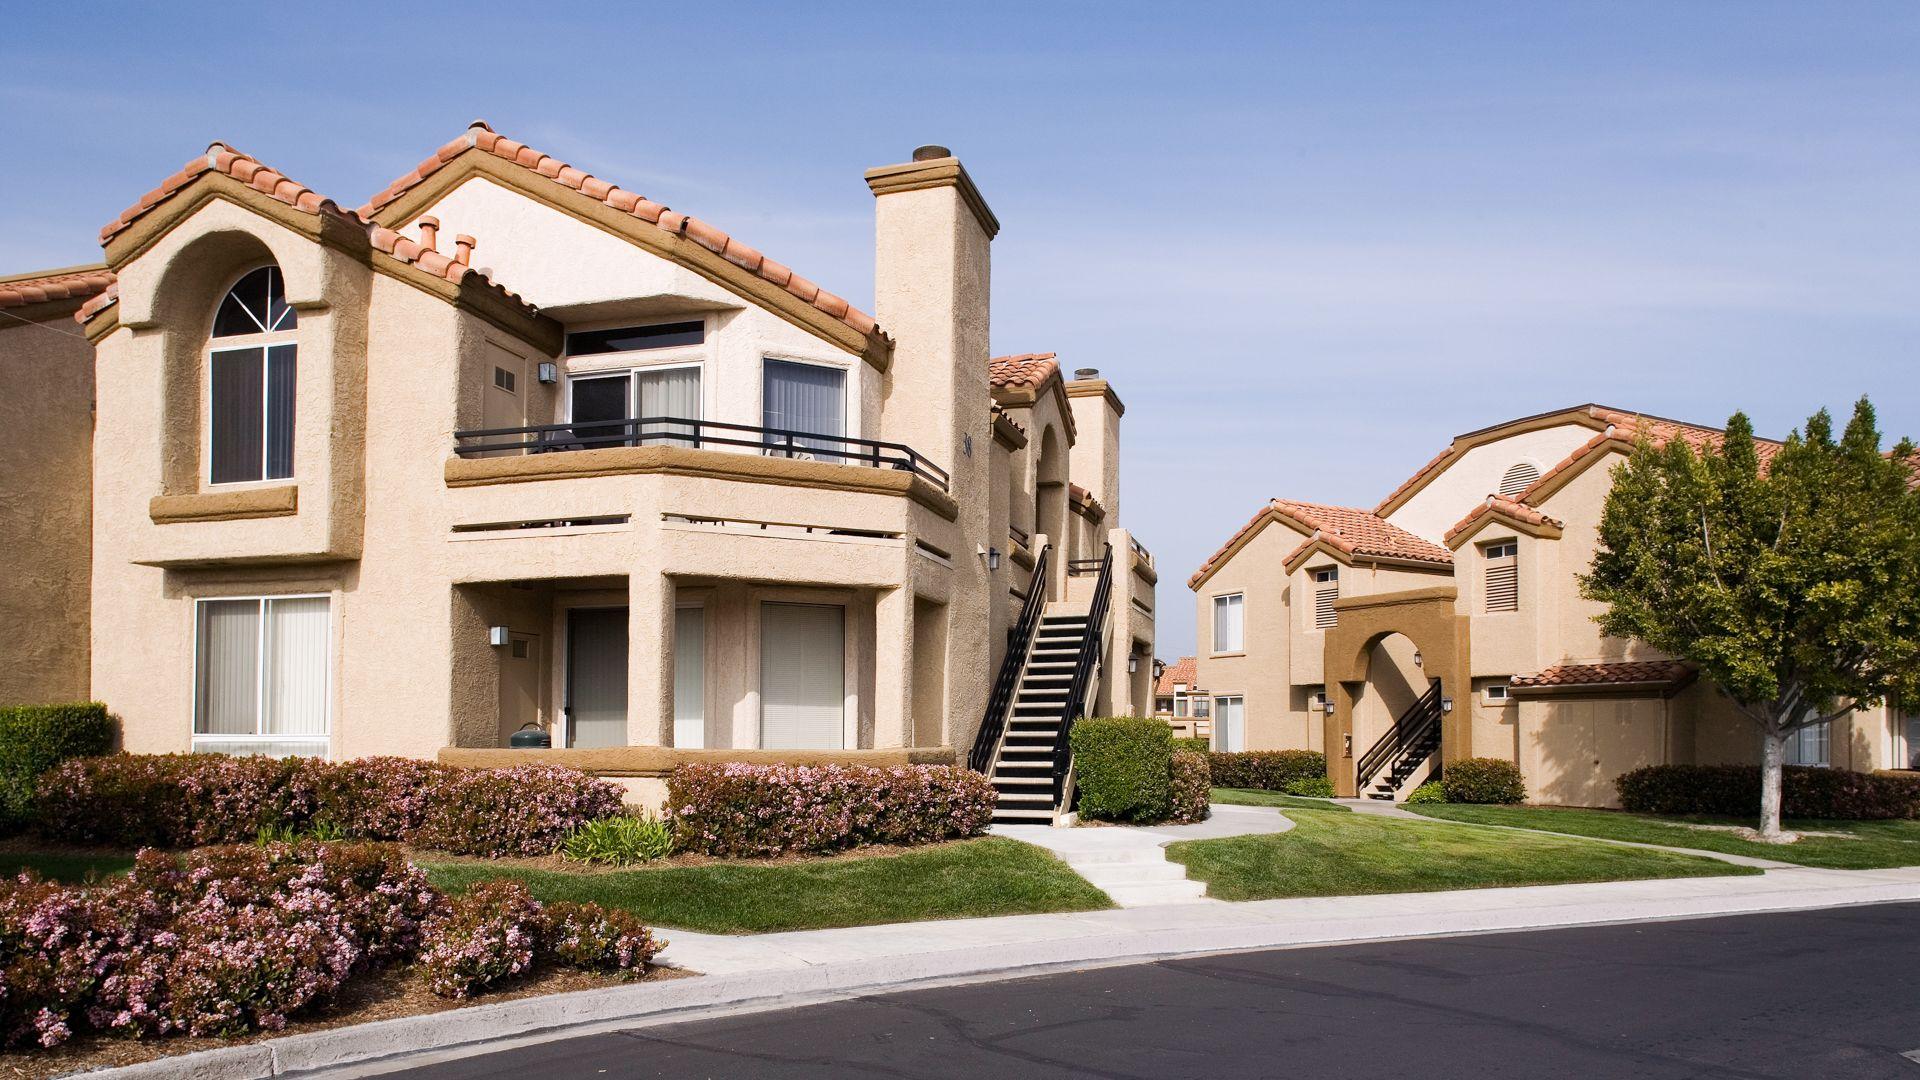 Vista Del Lago Apartments - Exterior